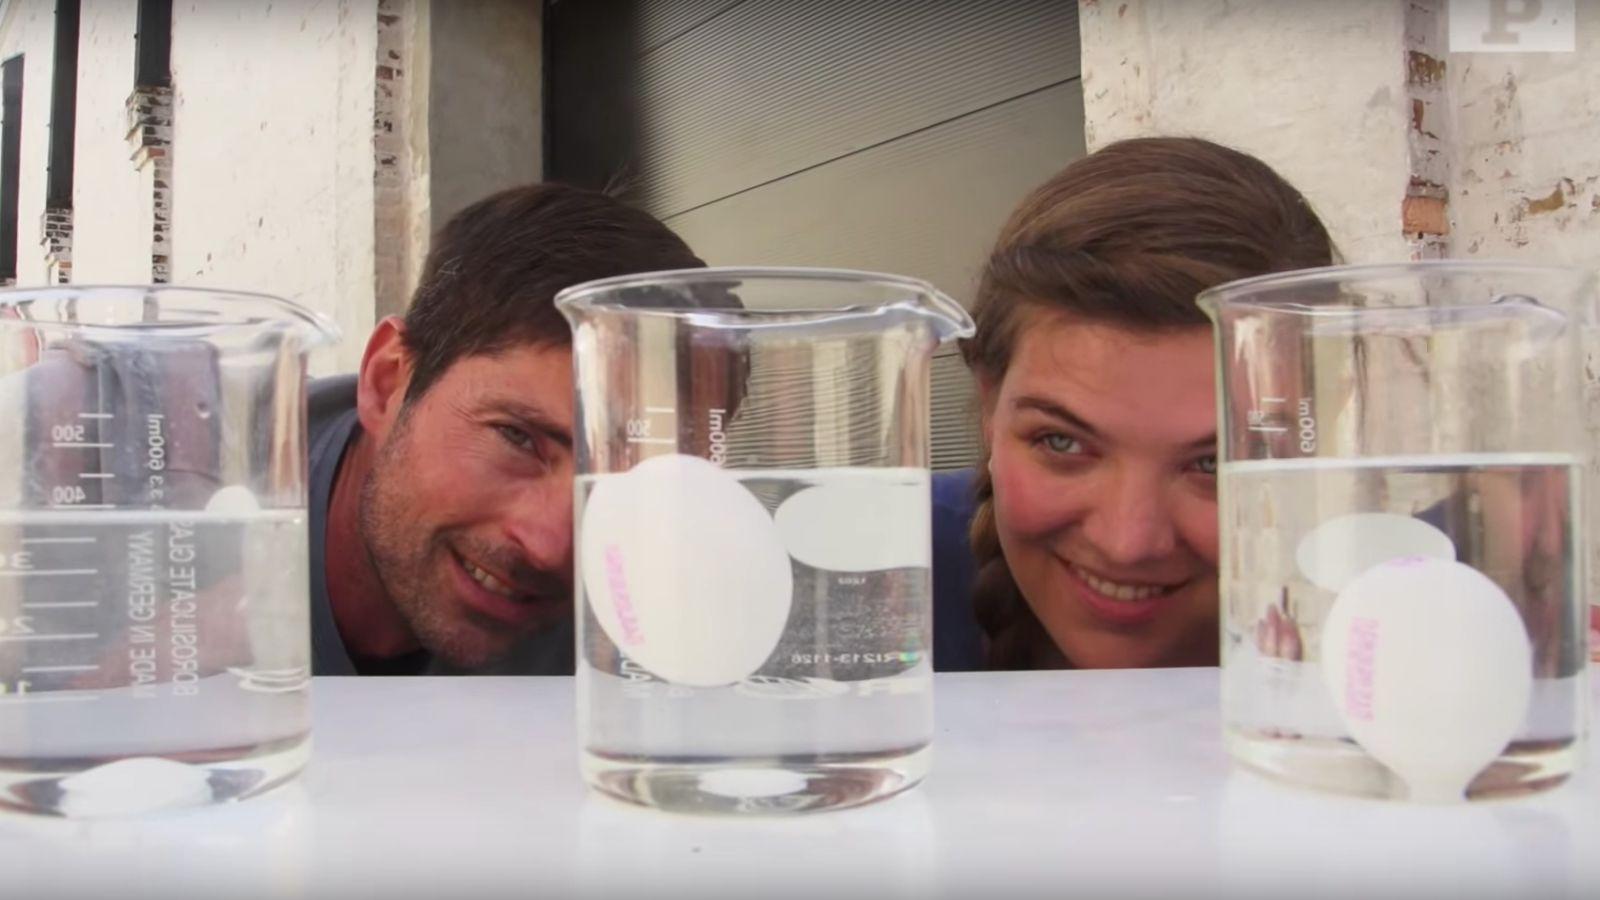 Flydende æg: I dette eksperiment skal du få et æg til at flyde på vandet.